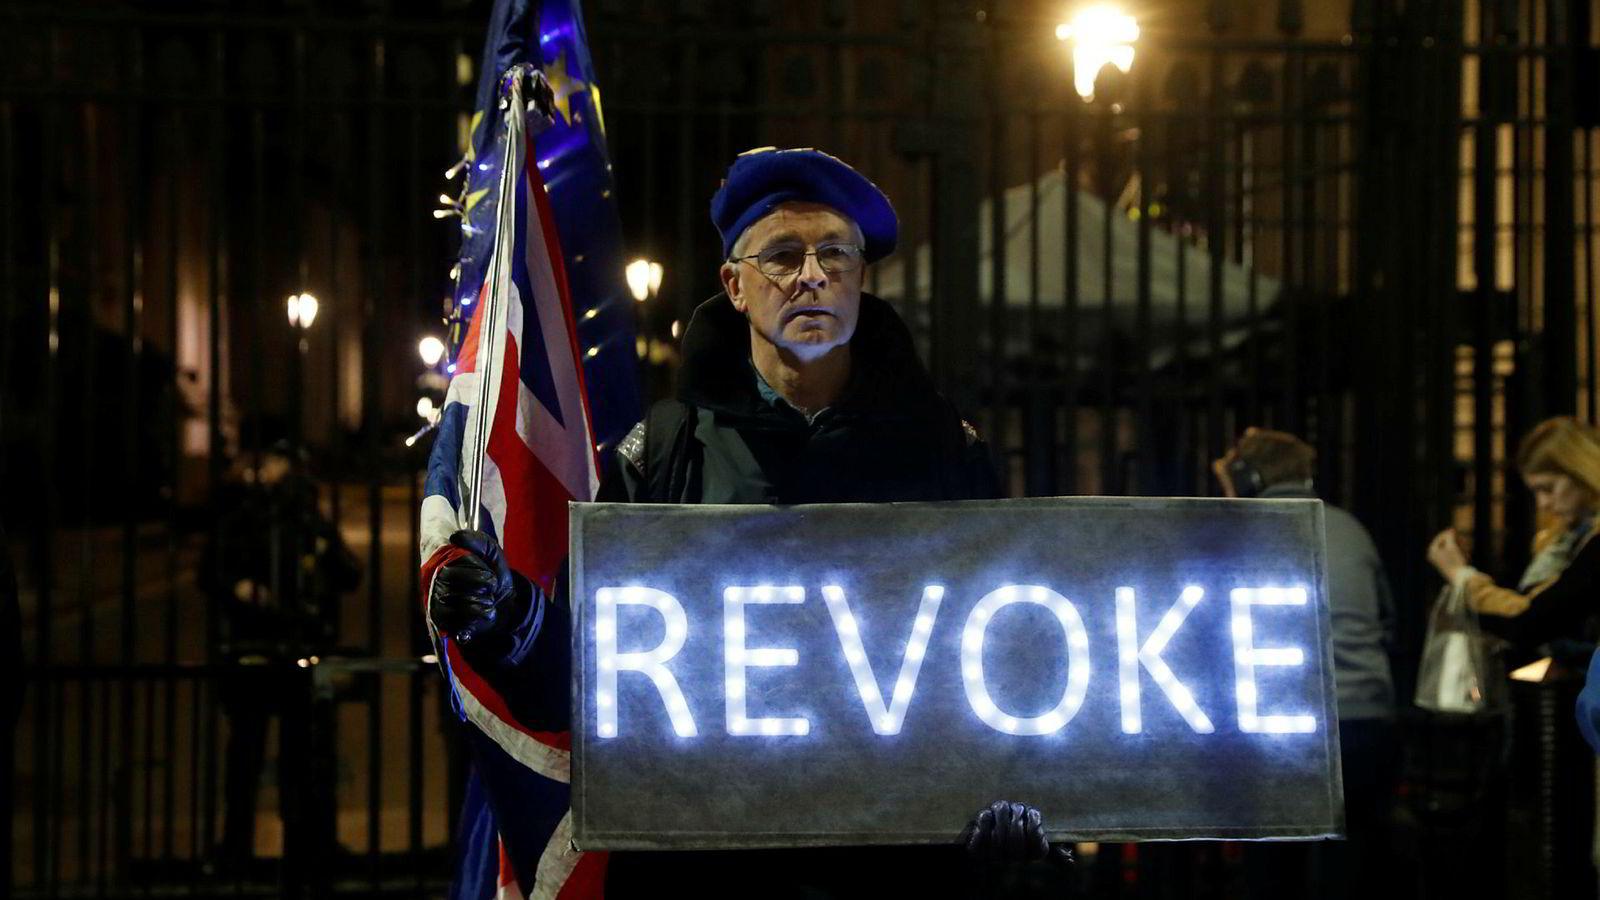 En brexit-motstander utenfor statsministerboligen i Downing Street 10 maner til å trekke tilbake utmeldingssøknaden til EU. Andre tar til nettet for å uttrykke sine meninger.